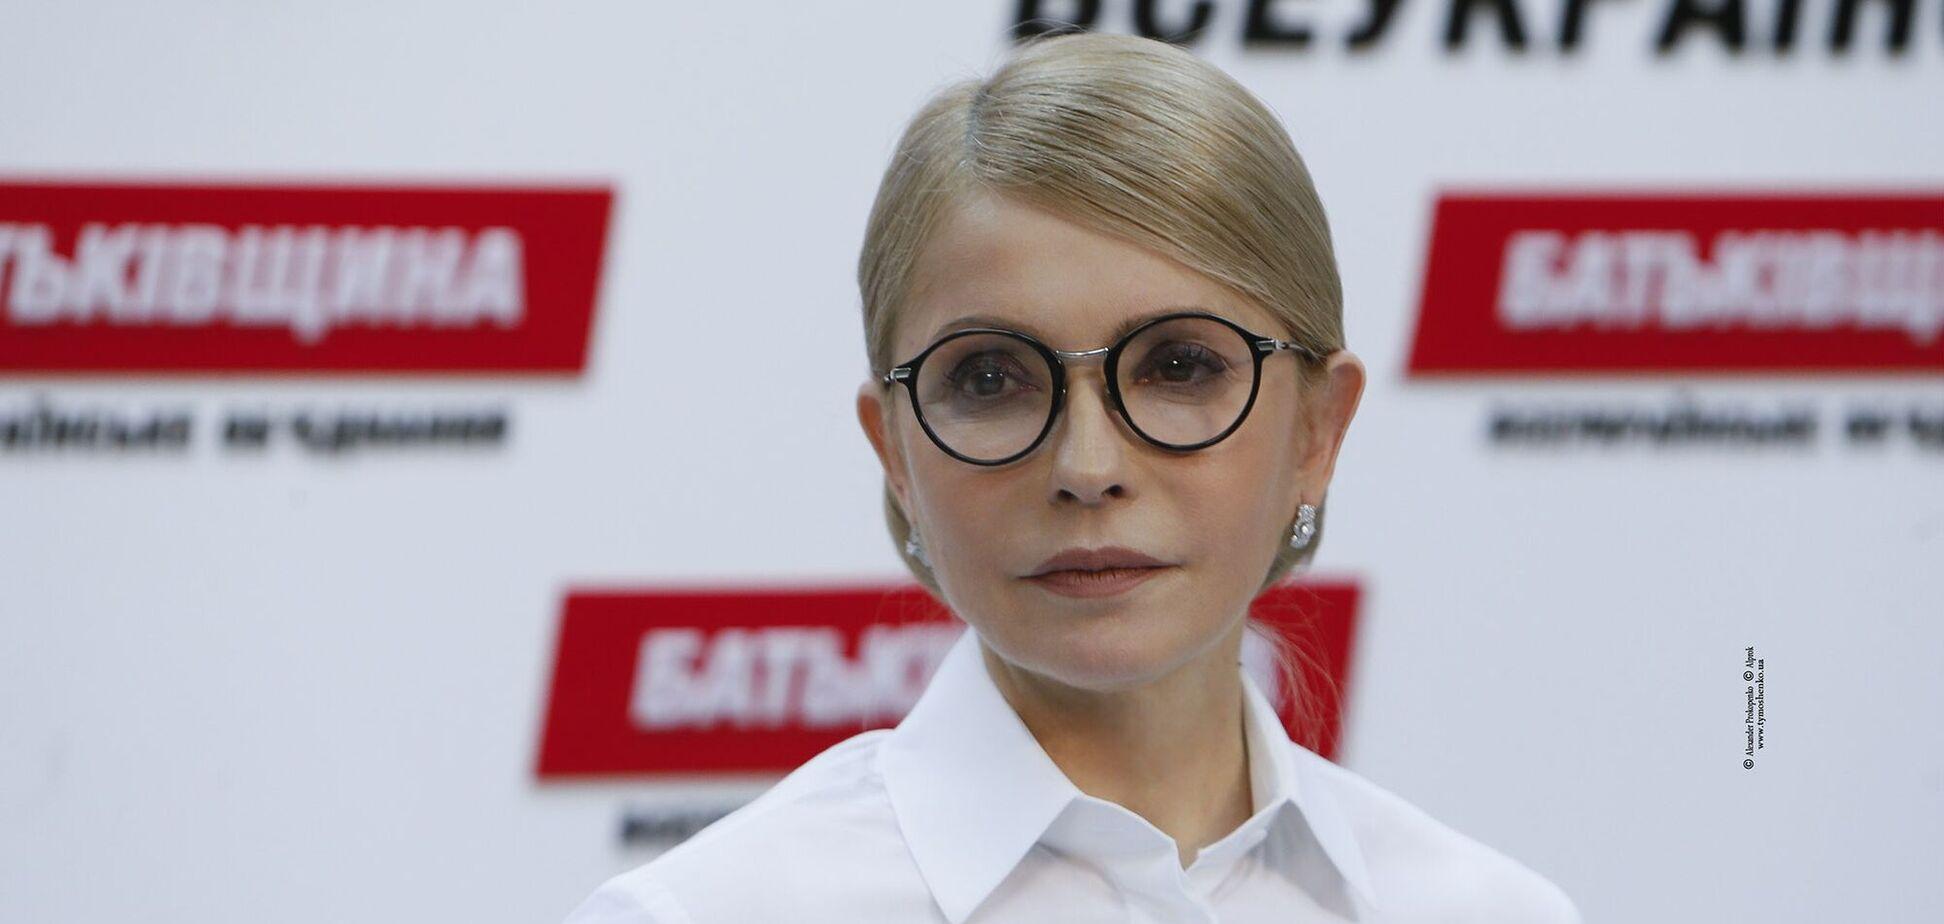 Рейтинги 'Батьківщини' Тимошенко побили показники 'слуг народу', – опитування КМІС